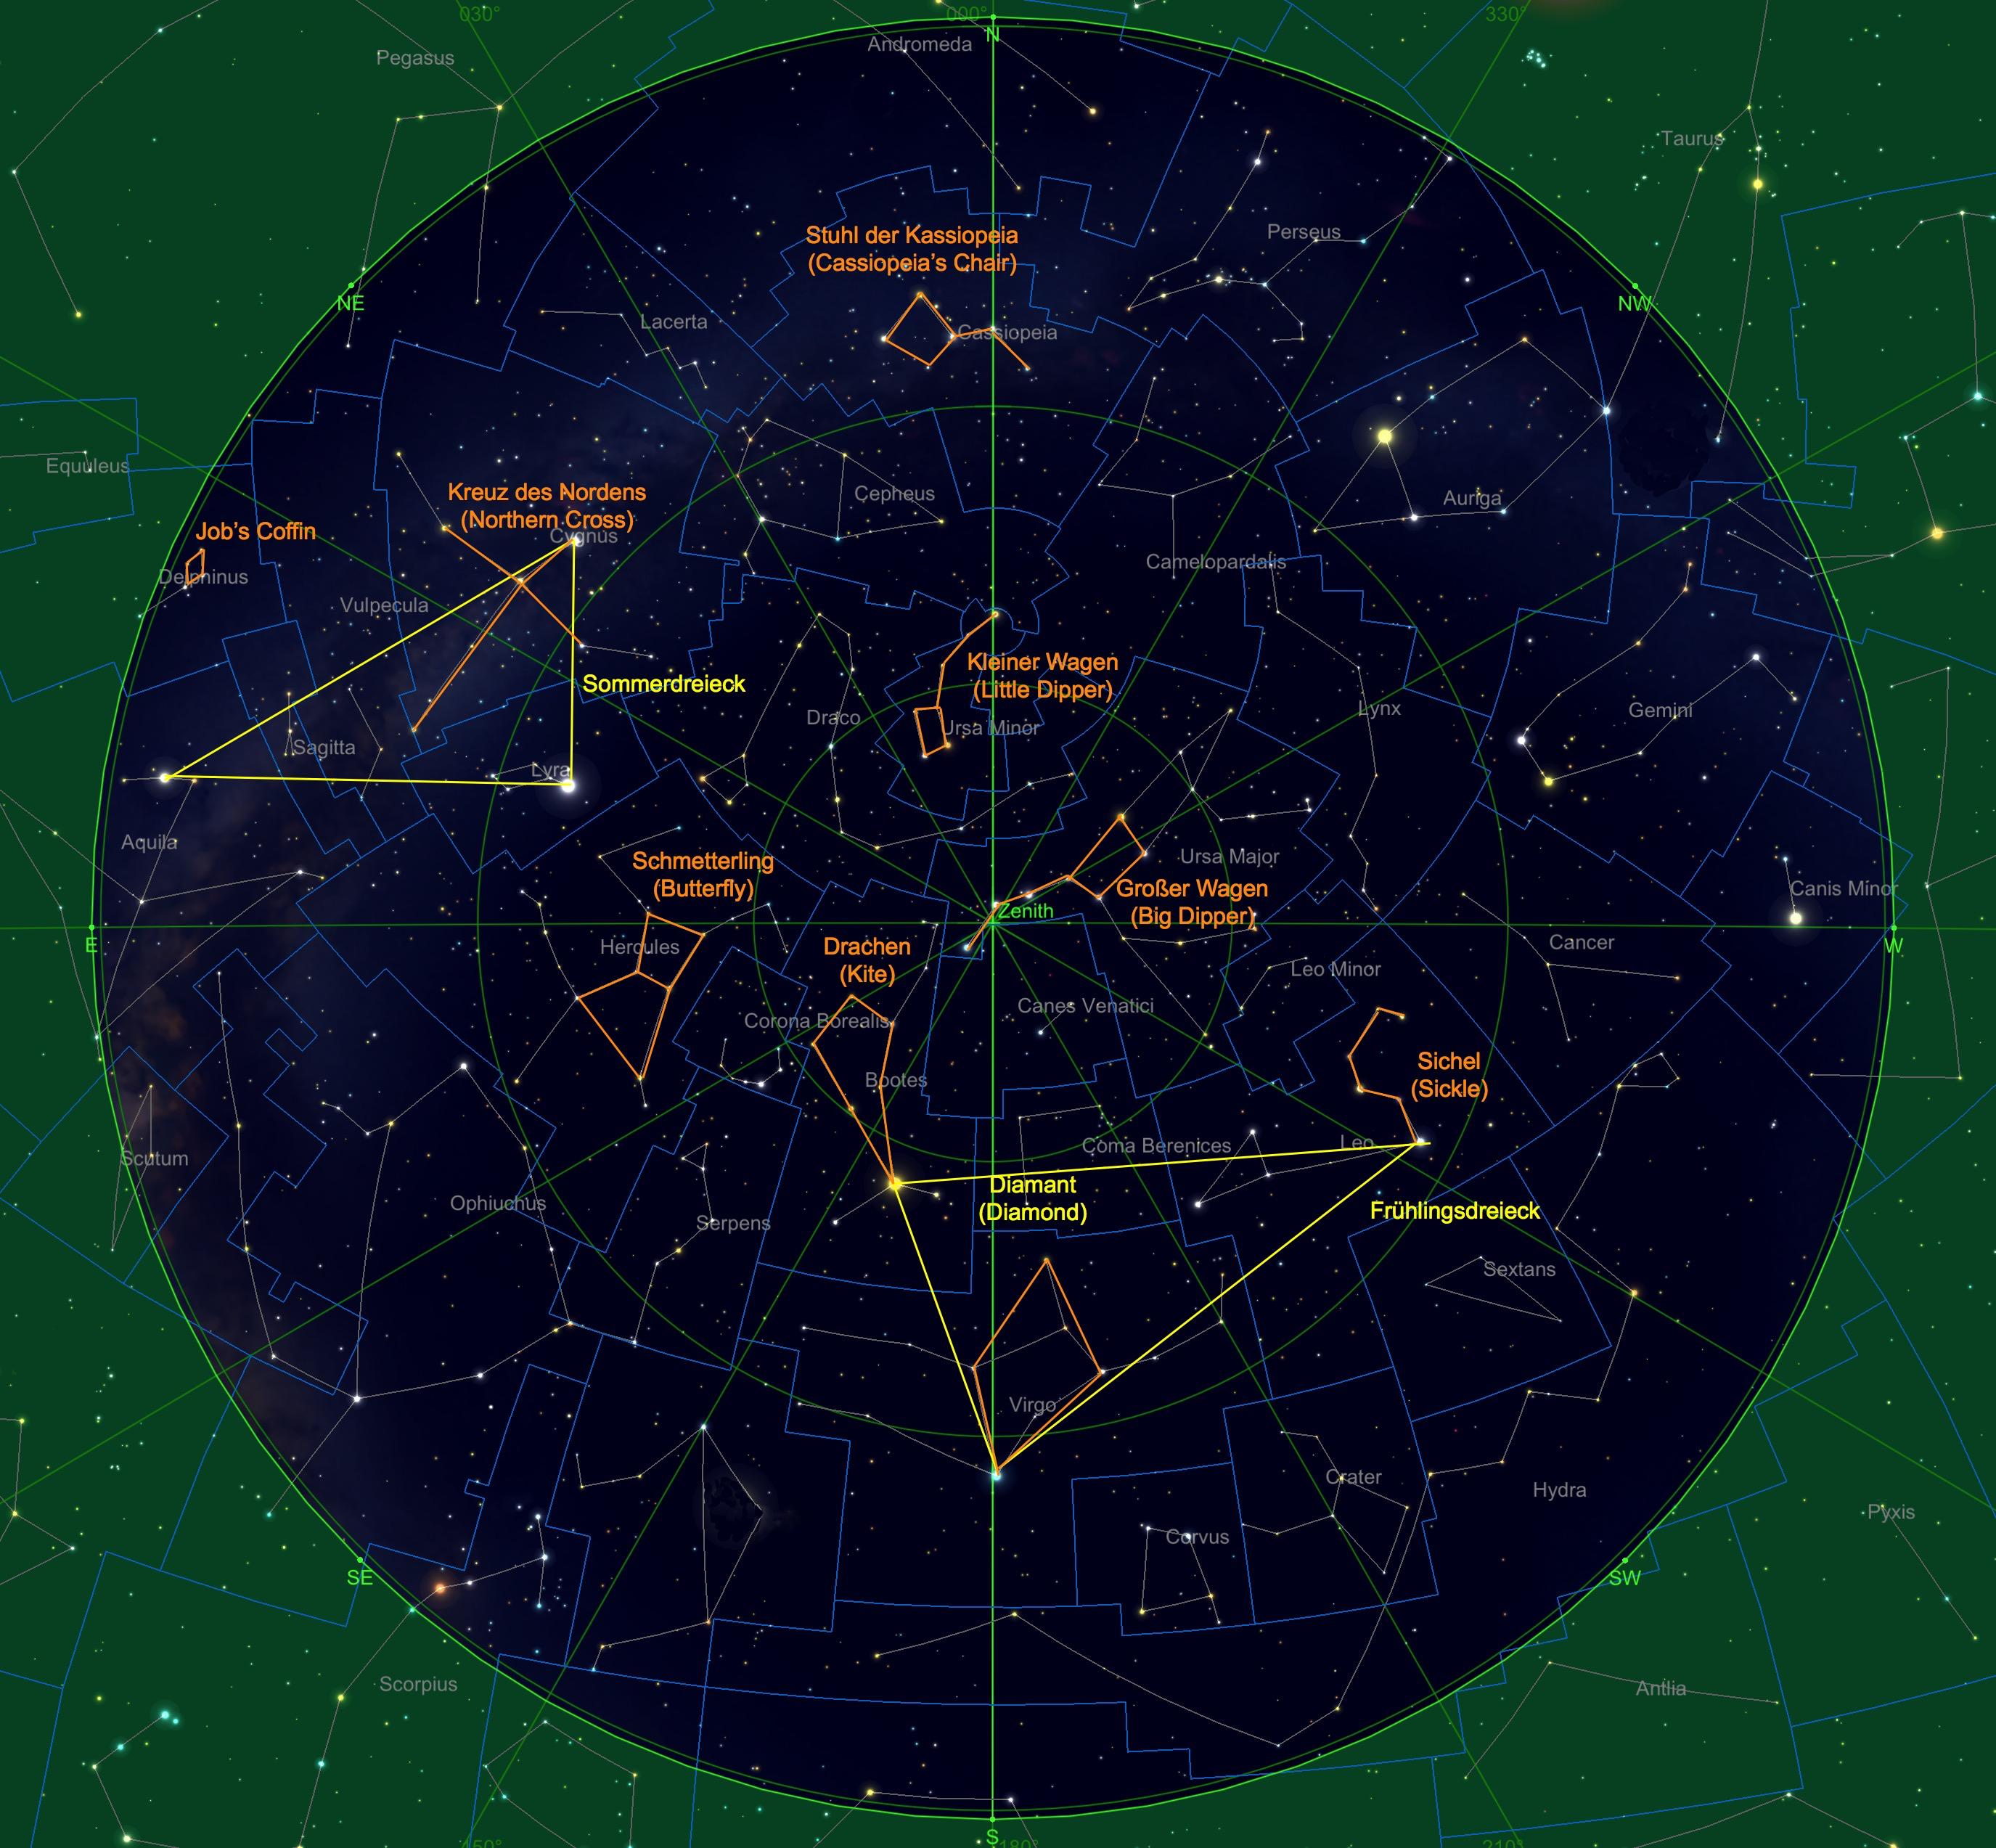 Sternhimmel am 15.05., 23:00 Uhr